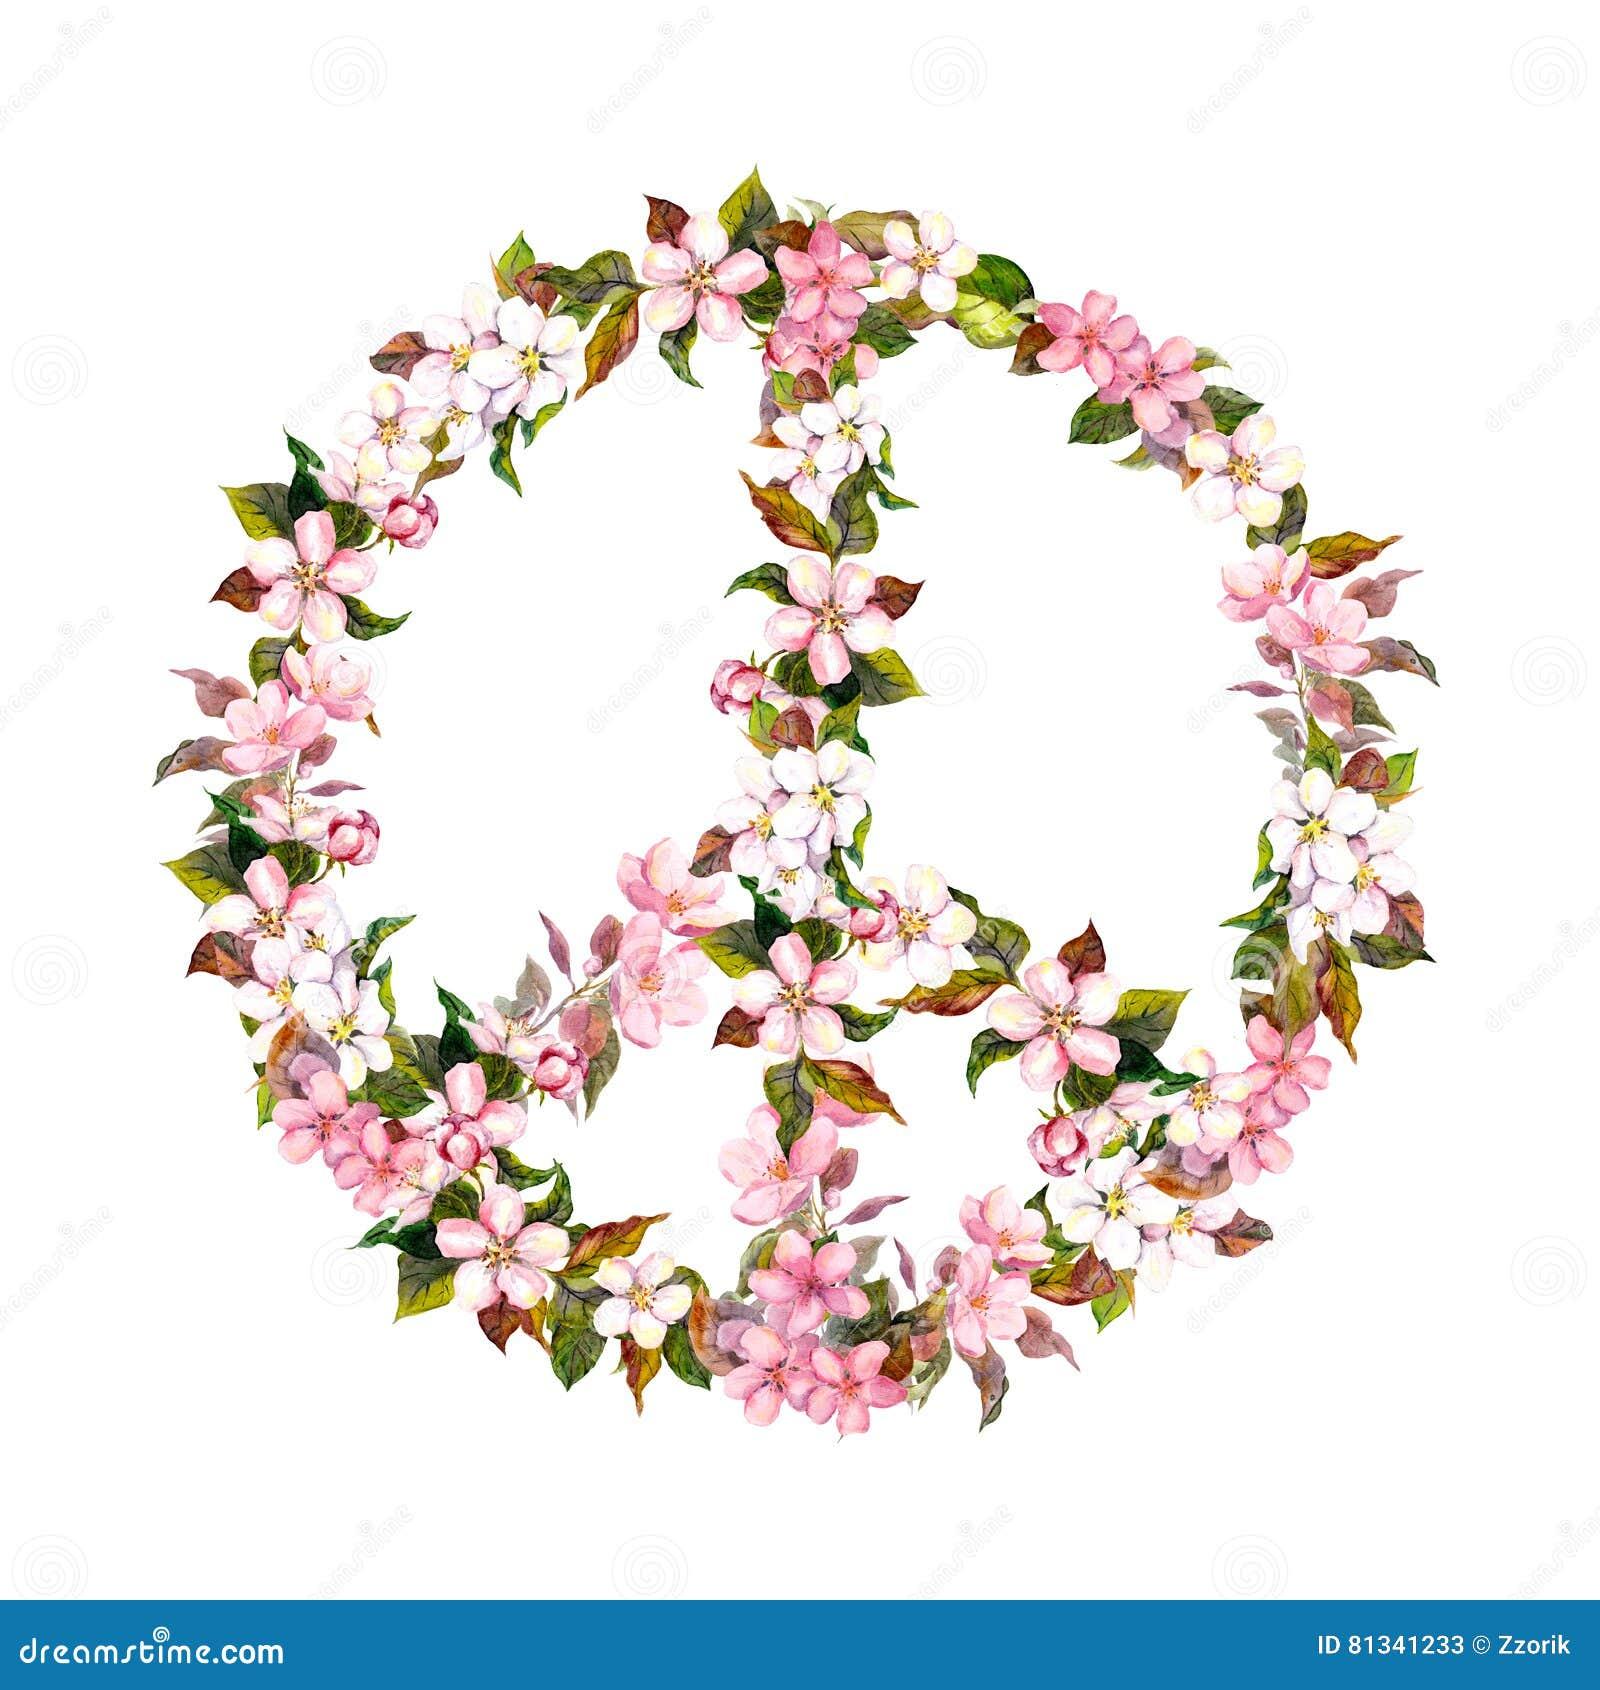 Segno di pace, fiori rosa - fiore di ciliegia, sakura watercolor